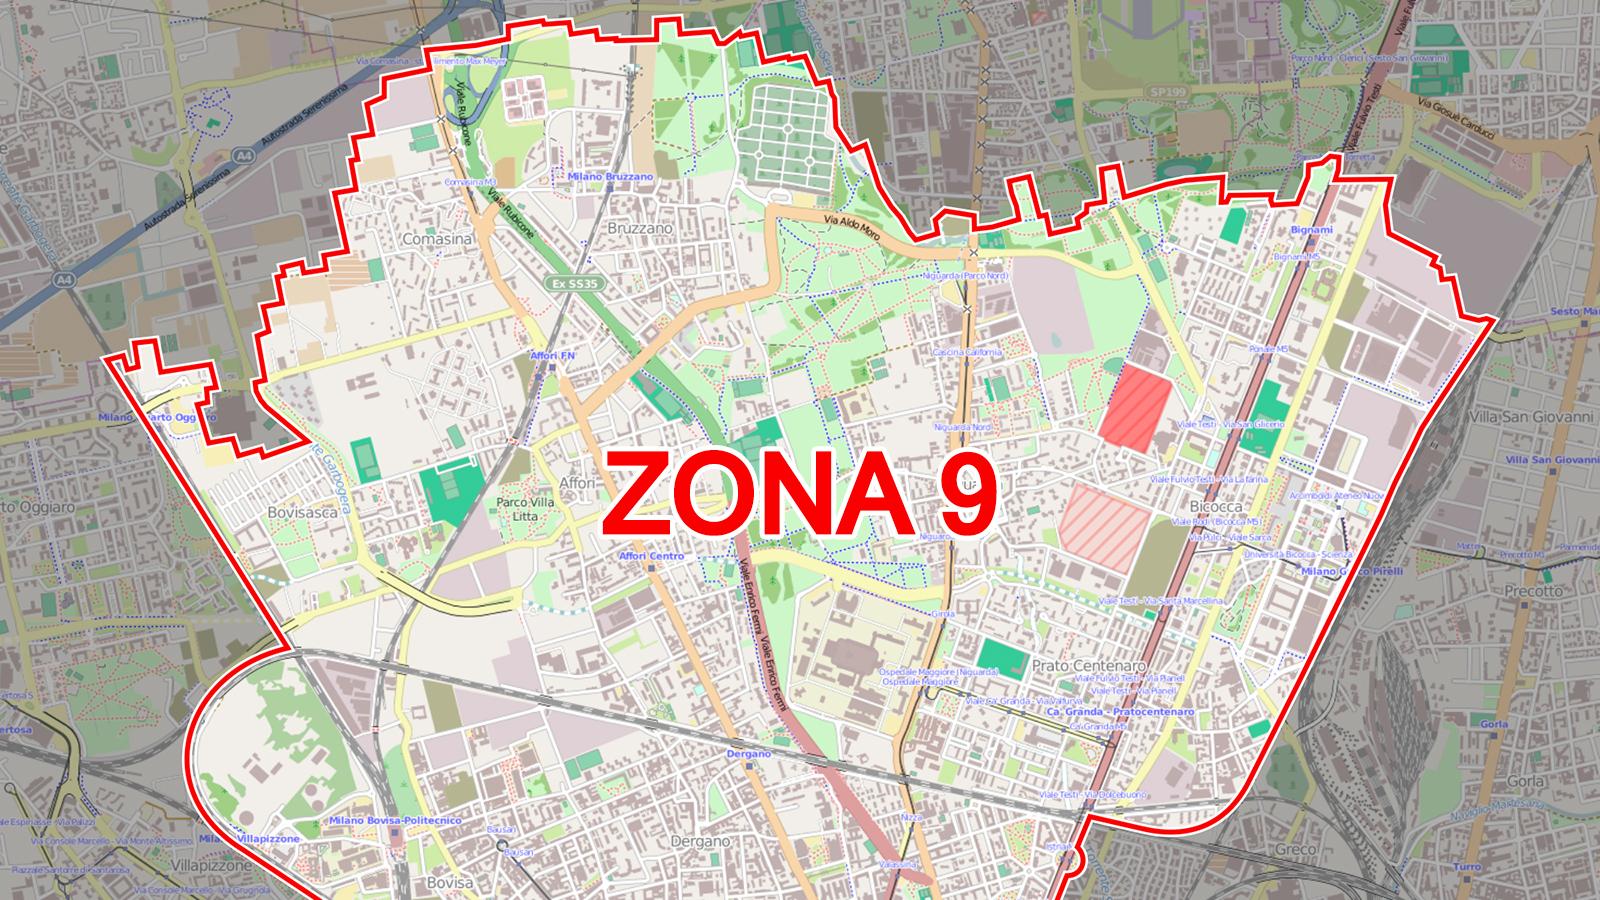 Milano_zona_9